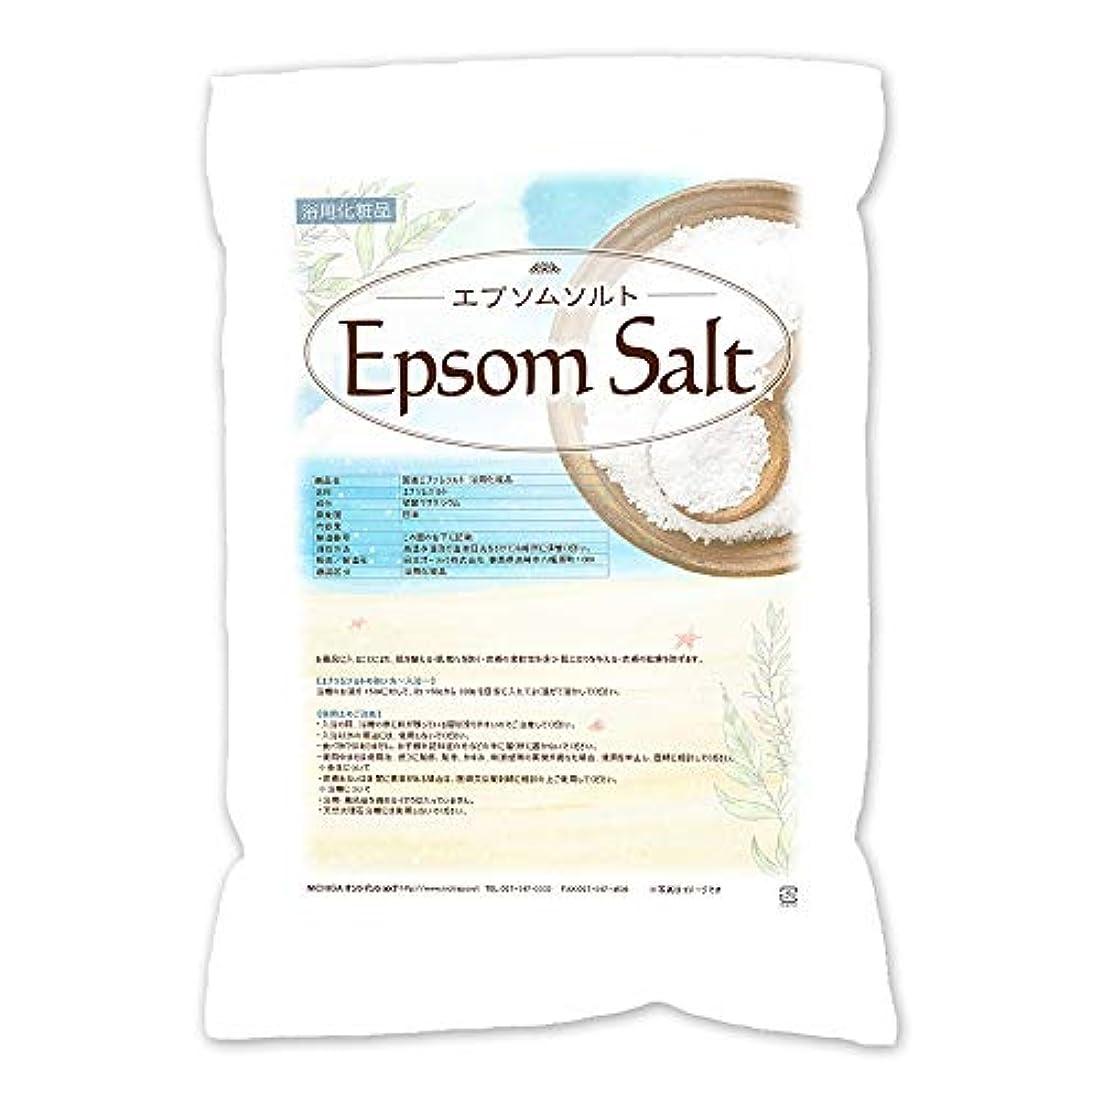 ホット醜い注ぎますエプソムソルト 4.5kg(Epsom Salt)浴用化粧品 [02] 国産原料 NICHIGA(ニチガ)